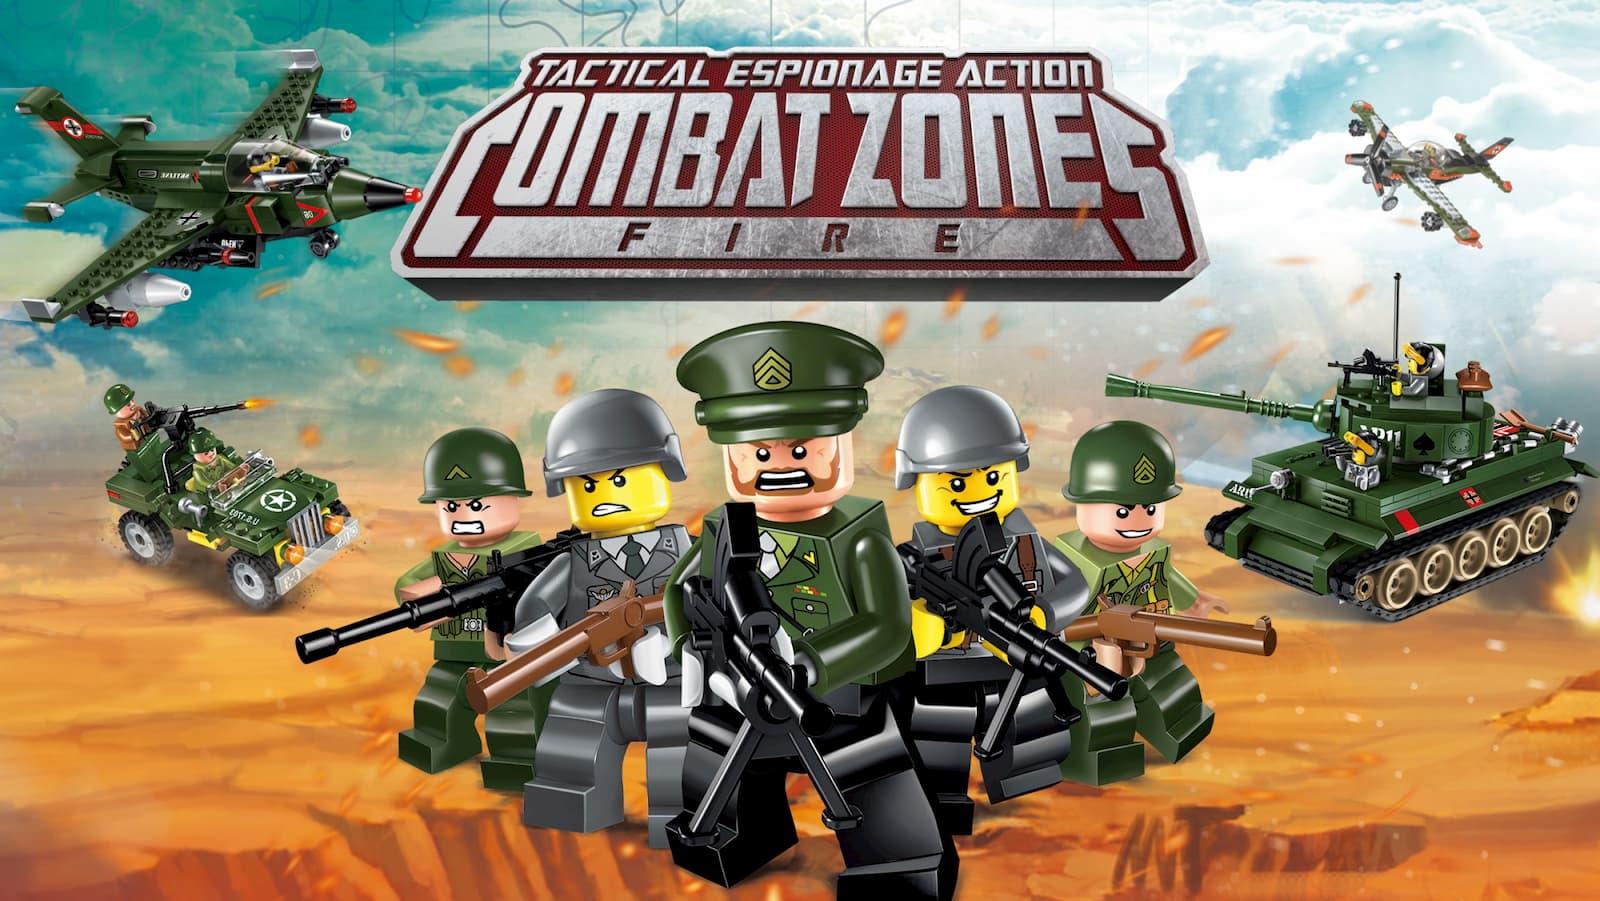 Конструктор Qman «Большая Авианесущая группа» C1724 Combat Zones / 1107 деталей